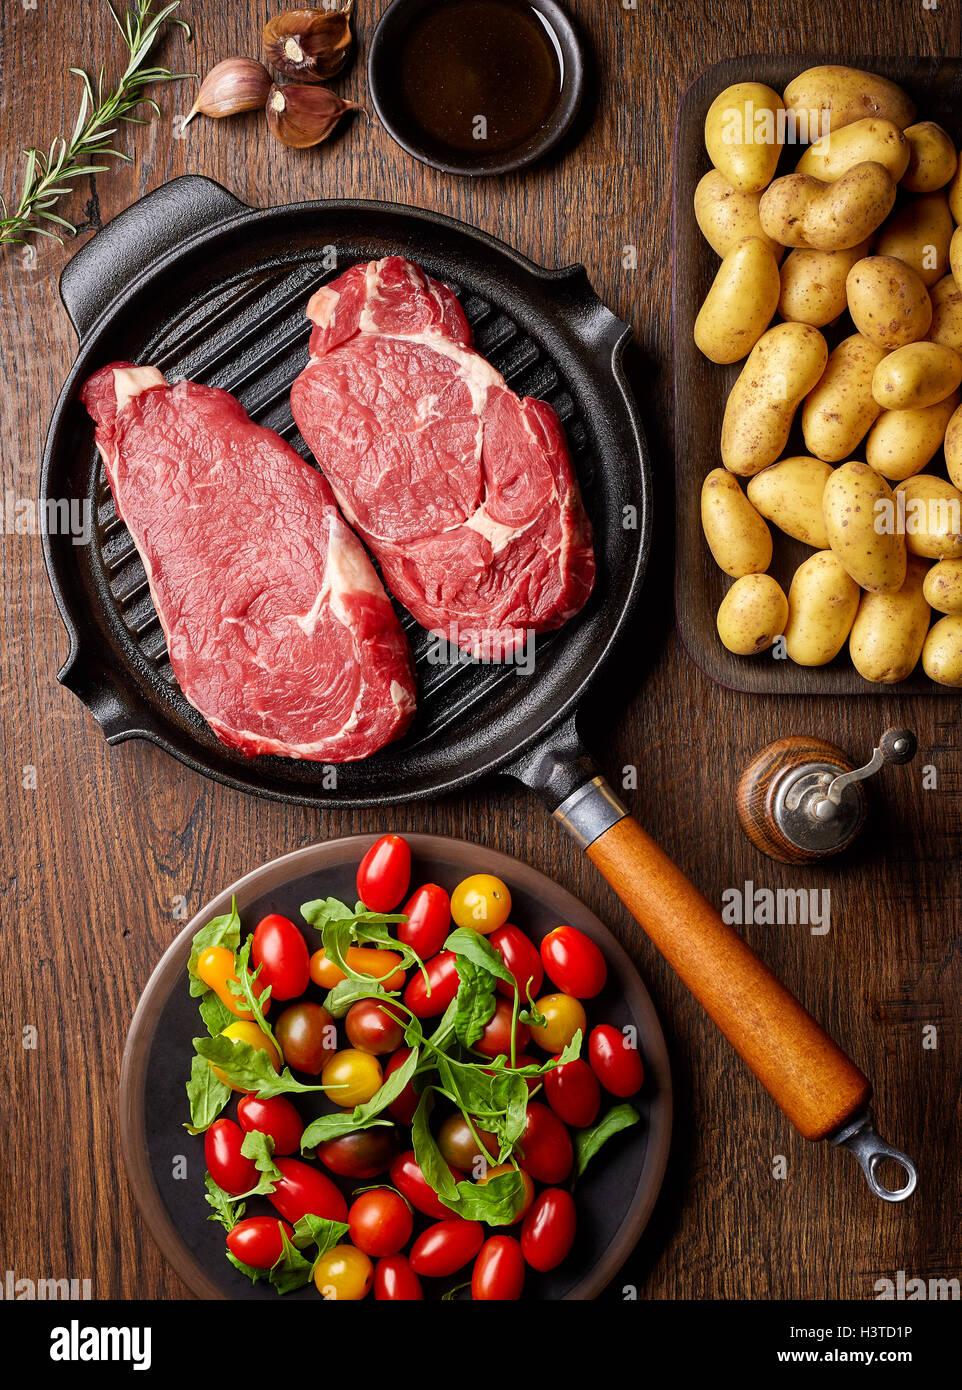 Materie bistecca in padella per grigliare, patate, spezie e pomodori, vista dall'alto, sul tavolo di legno Immagini Stock